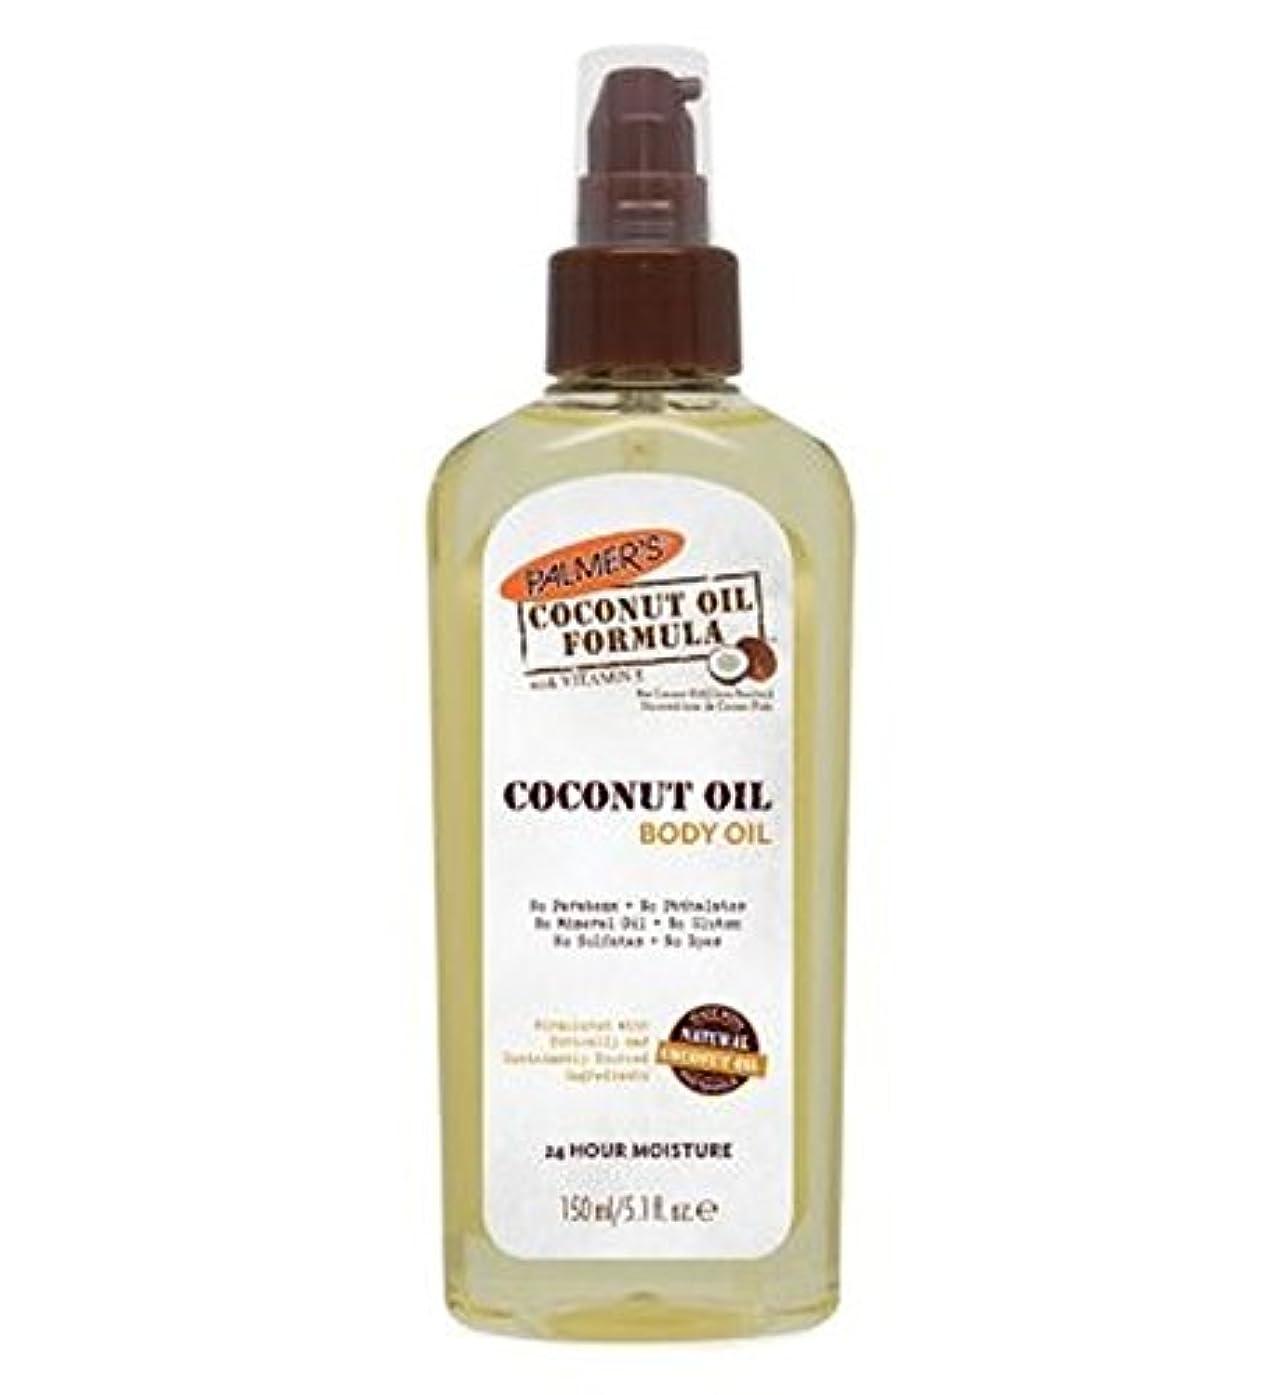 負荷高齢者不規則なPalmer's Coconut Oil Formula Body Oil 150ml - パーマーのココナッツオイル式ボディオイル150ミリリットル (Palmer's) [並行輸入品]